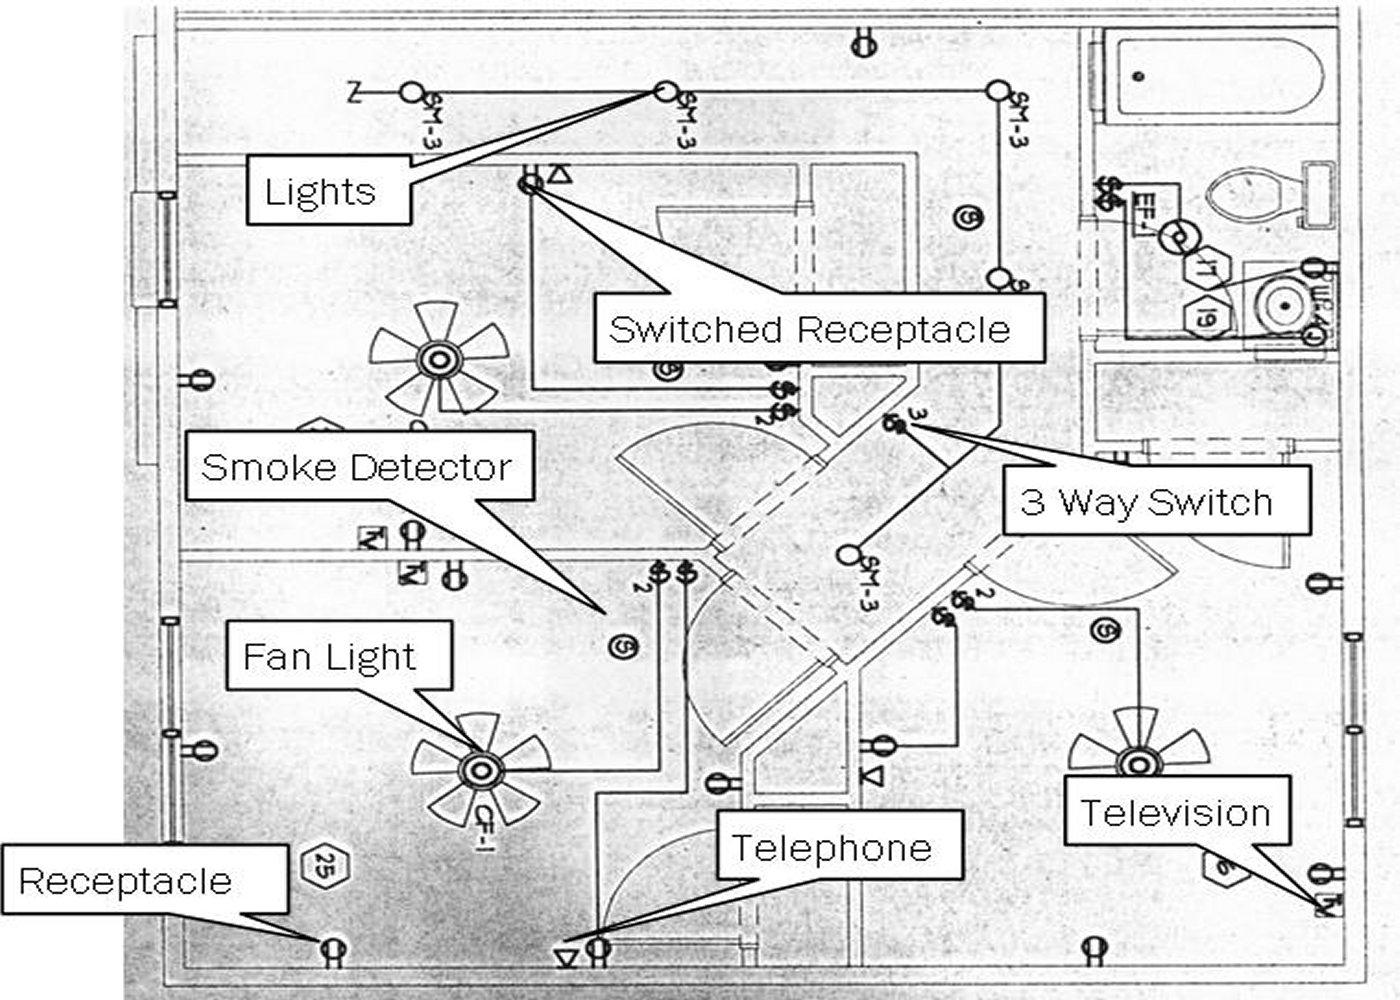 nr_7455] electrical plan review cooper bussmann wiring diagram  sequ ologi bletu exmet mohammedshrine librar wiring 101